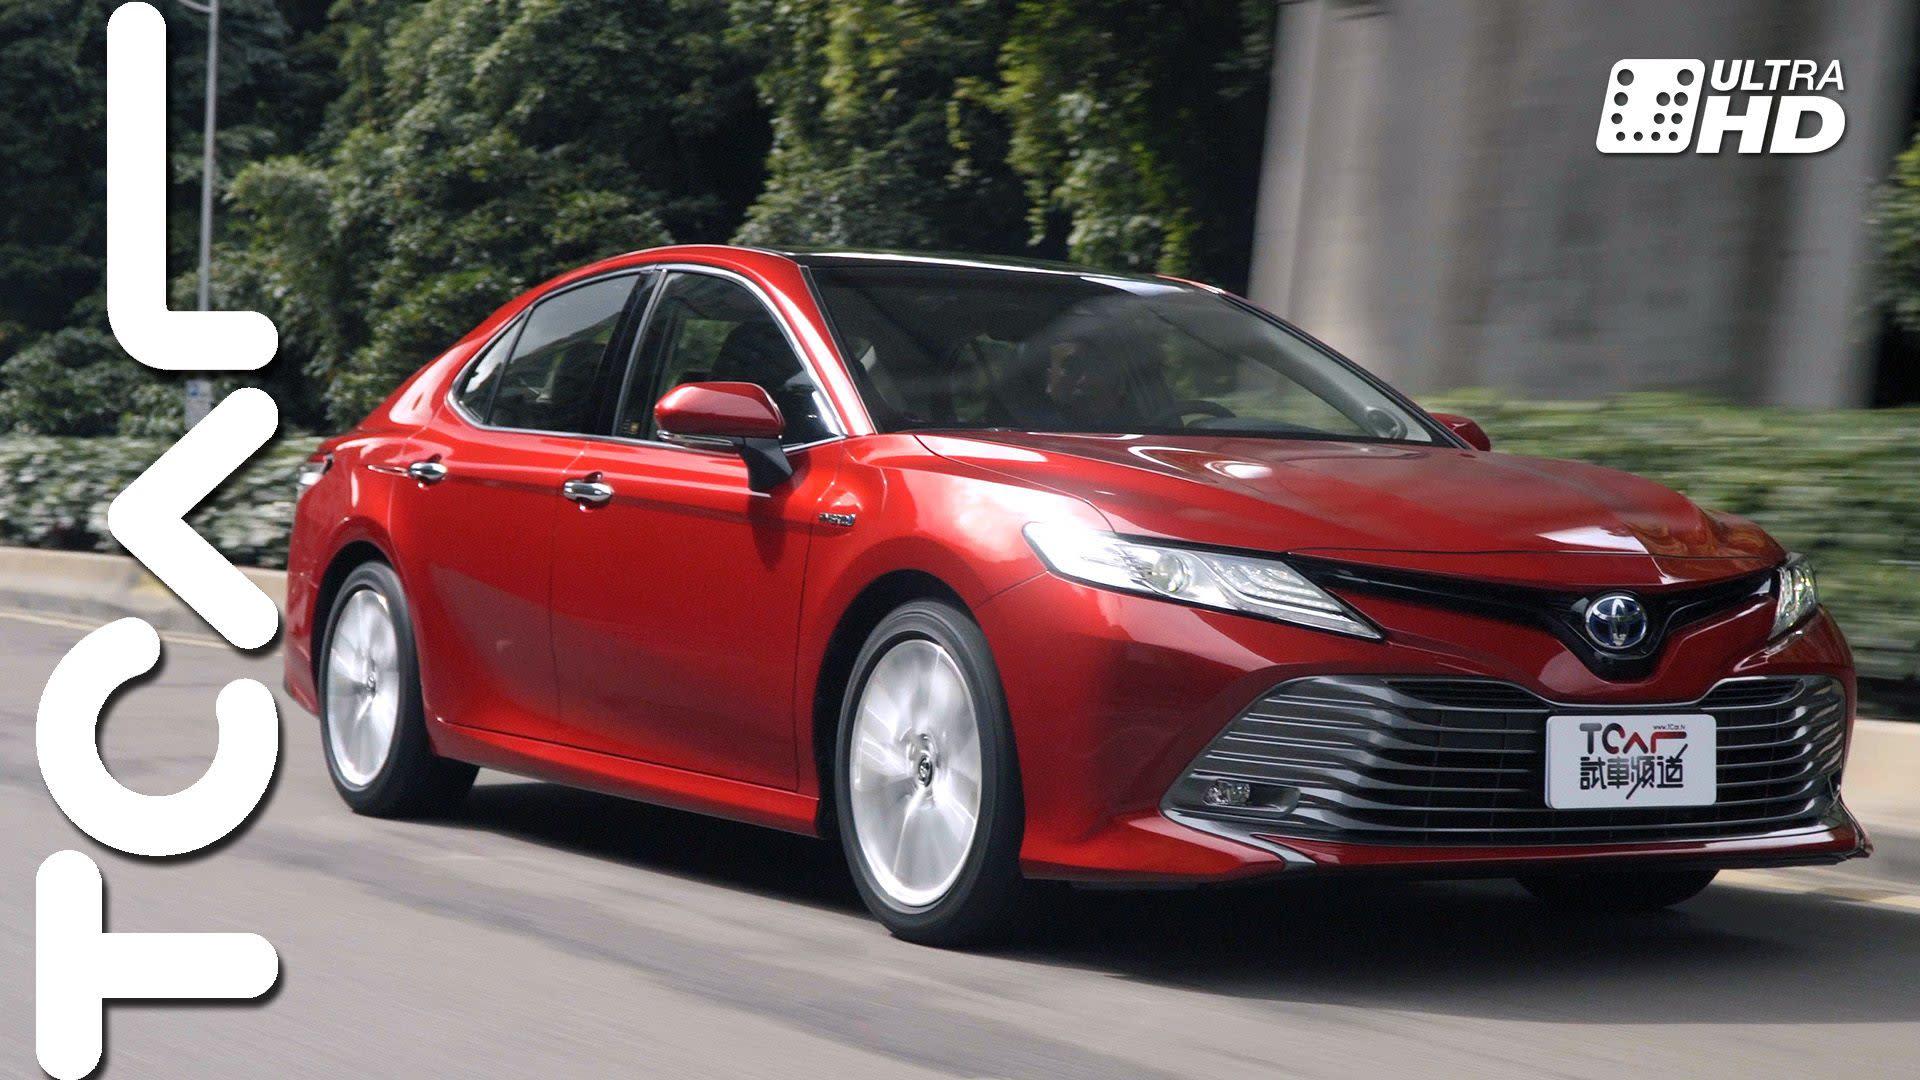 乘載幸福 乘載‧夢 Toyota All New Camry Hybrid 新車試駕  - TCar